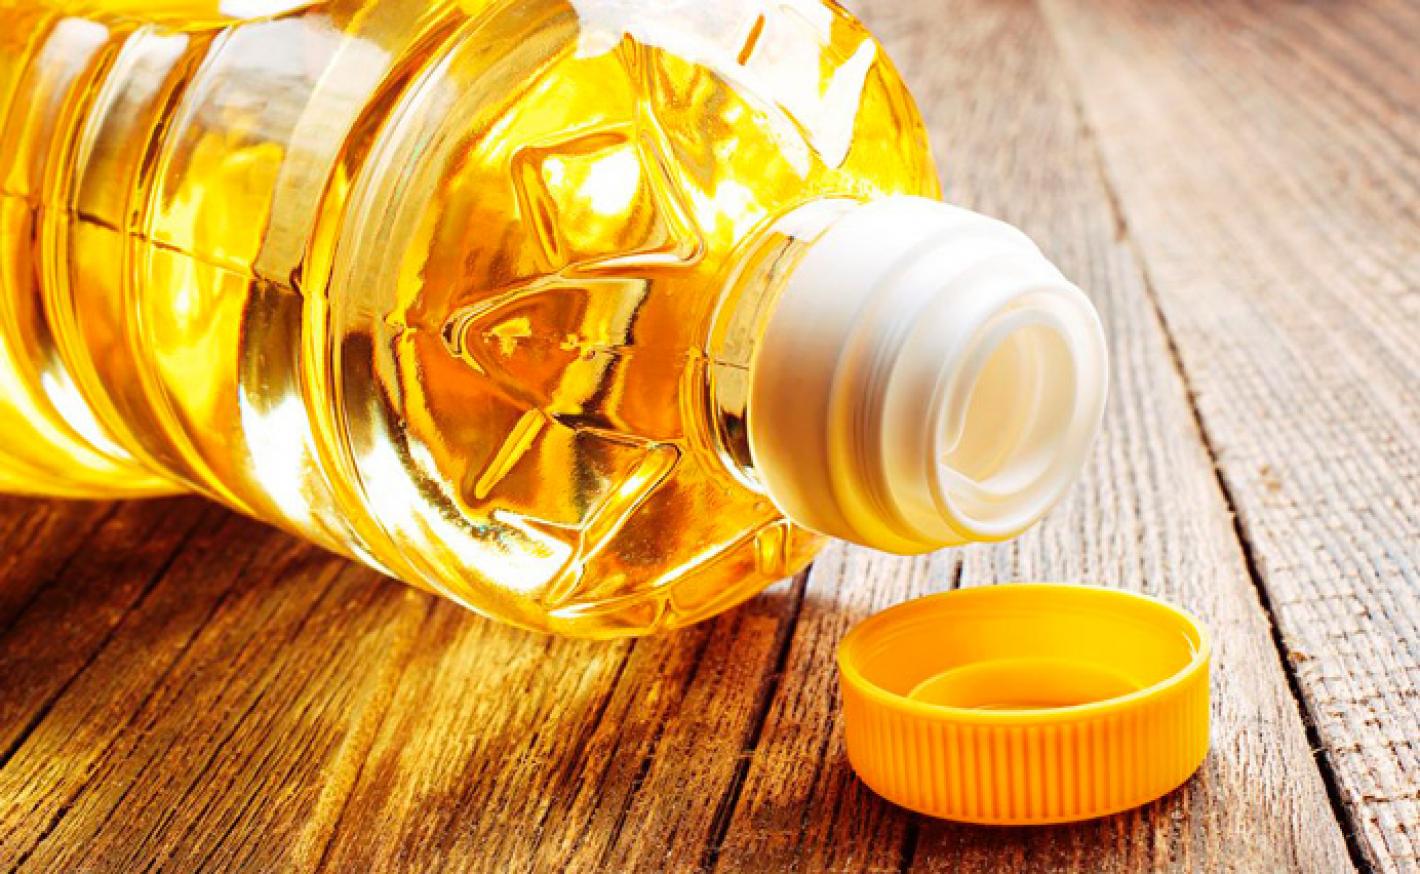 Tipos de óleo de cozinha: Quais são e como usar